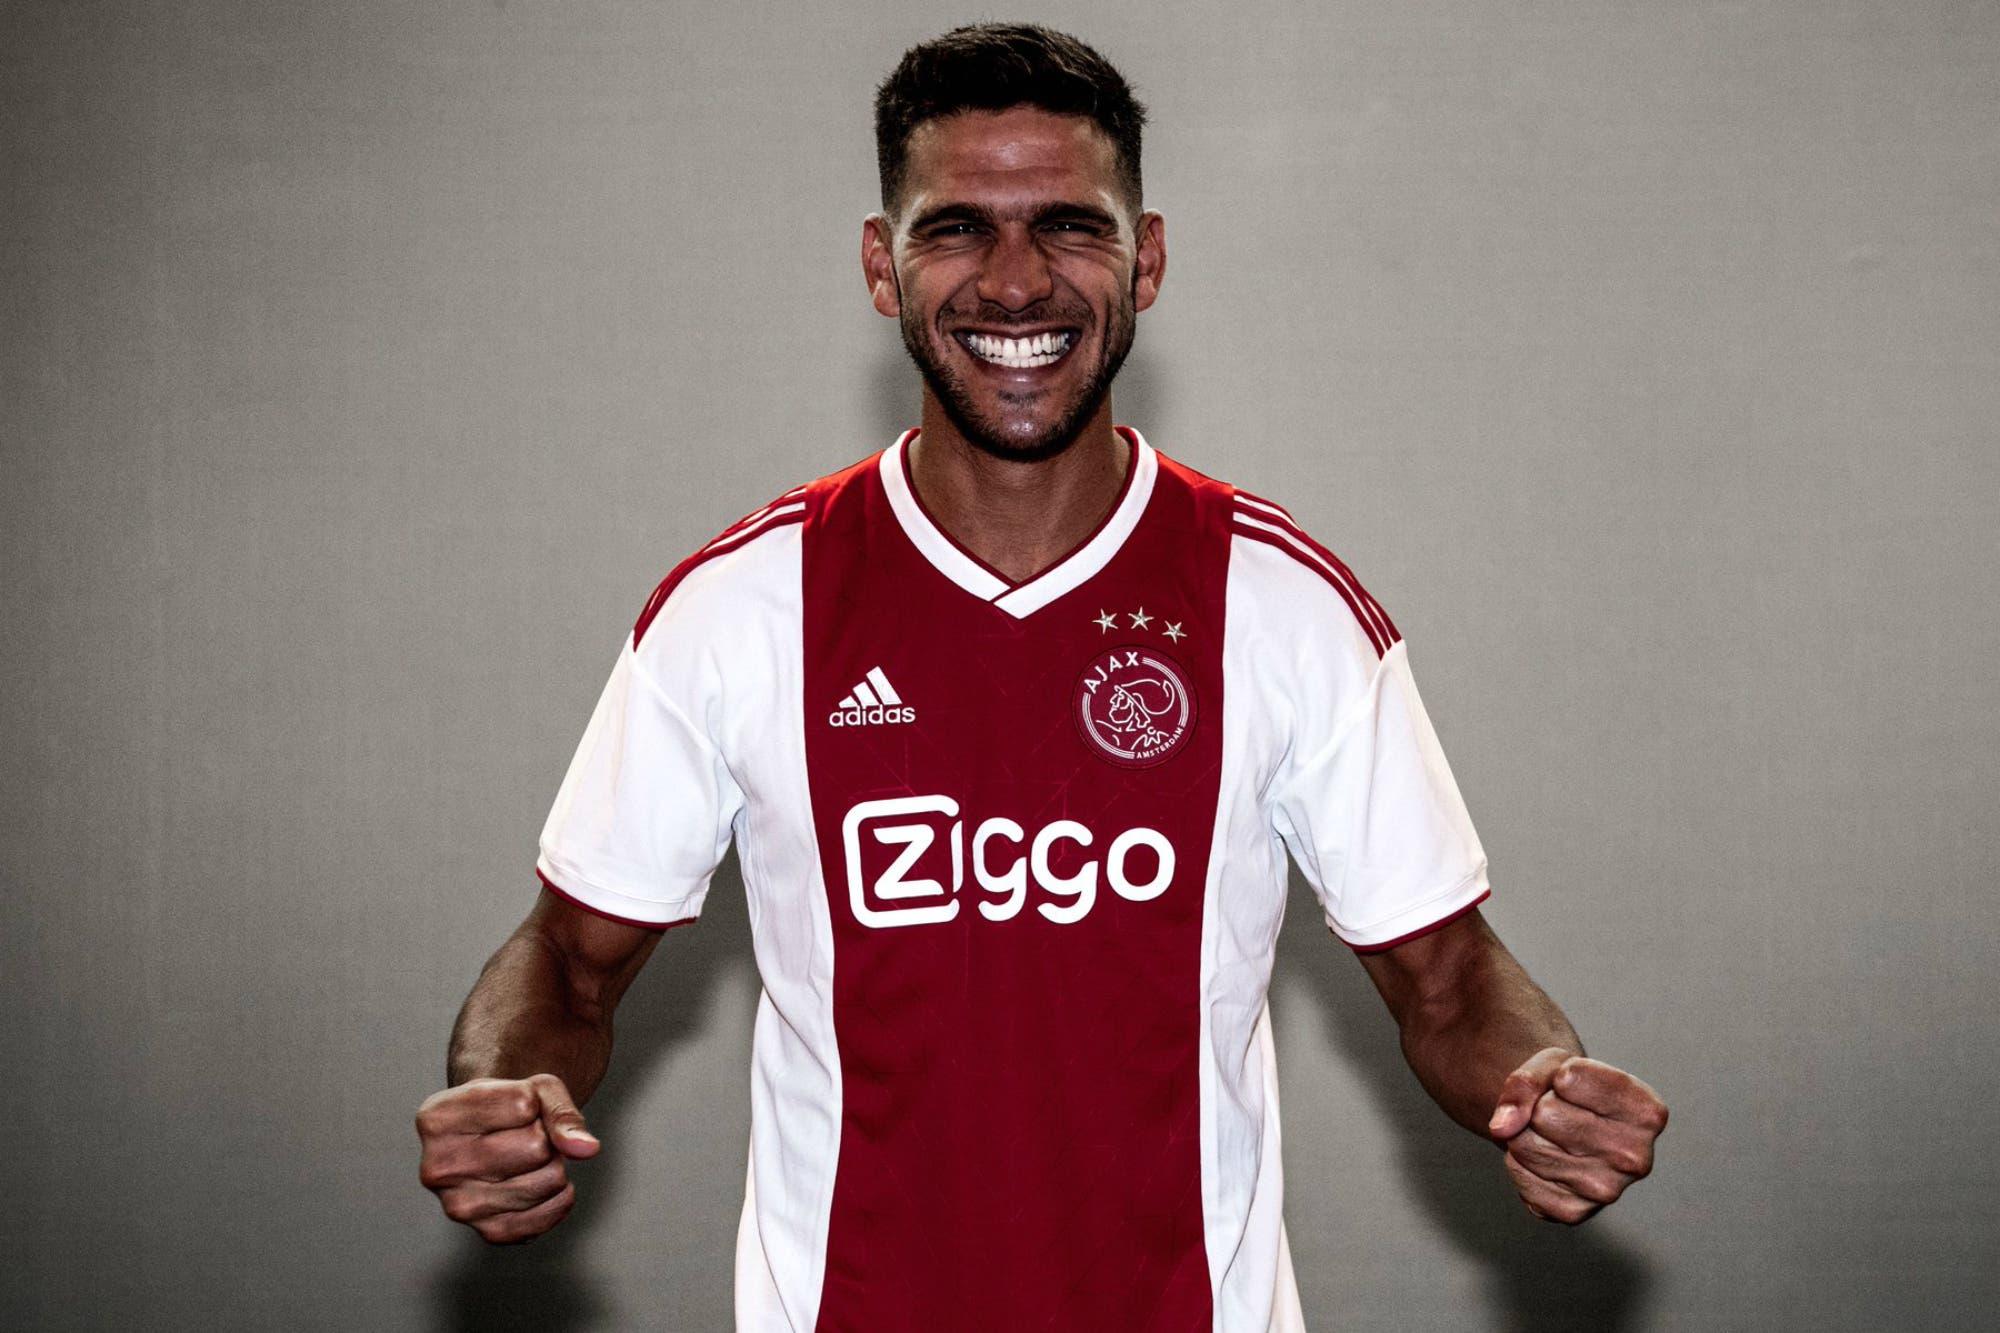 Resultado de imagen para Lisandro Magallan Ajax presentacion